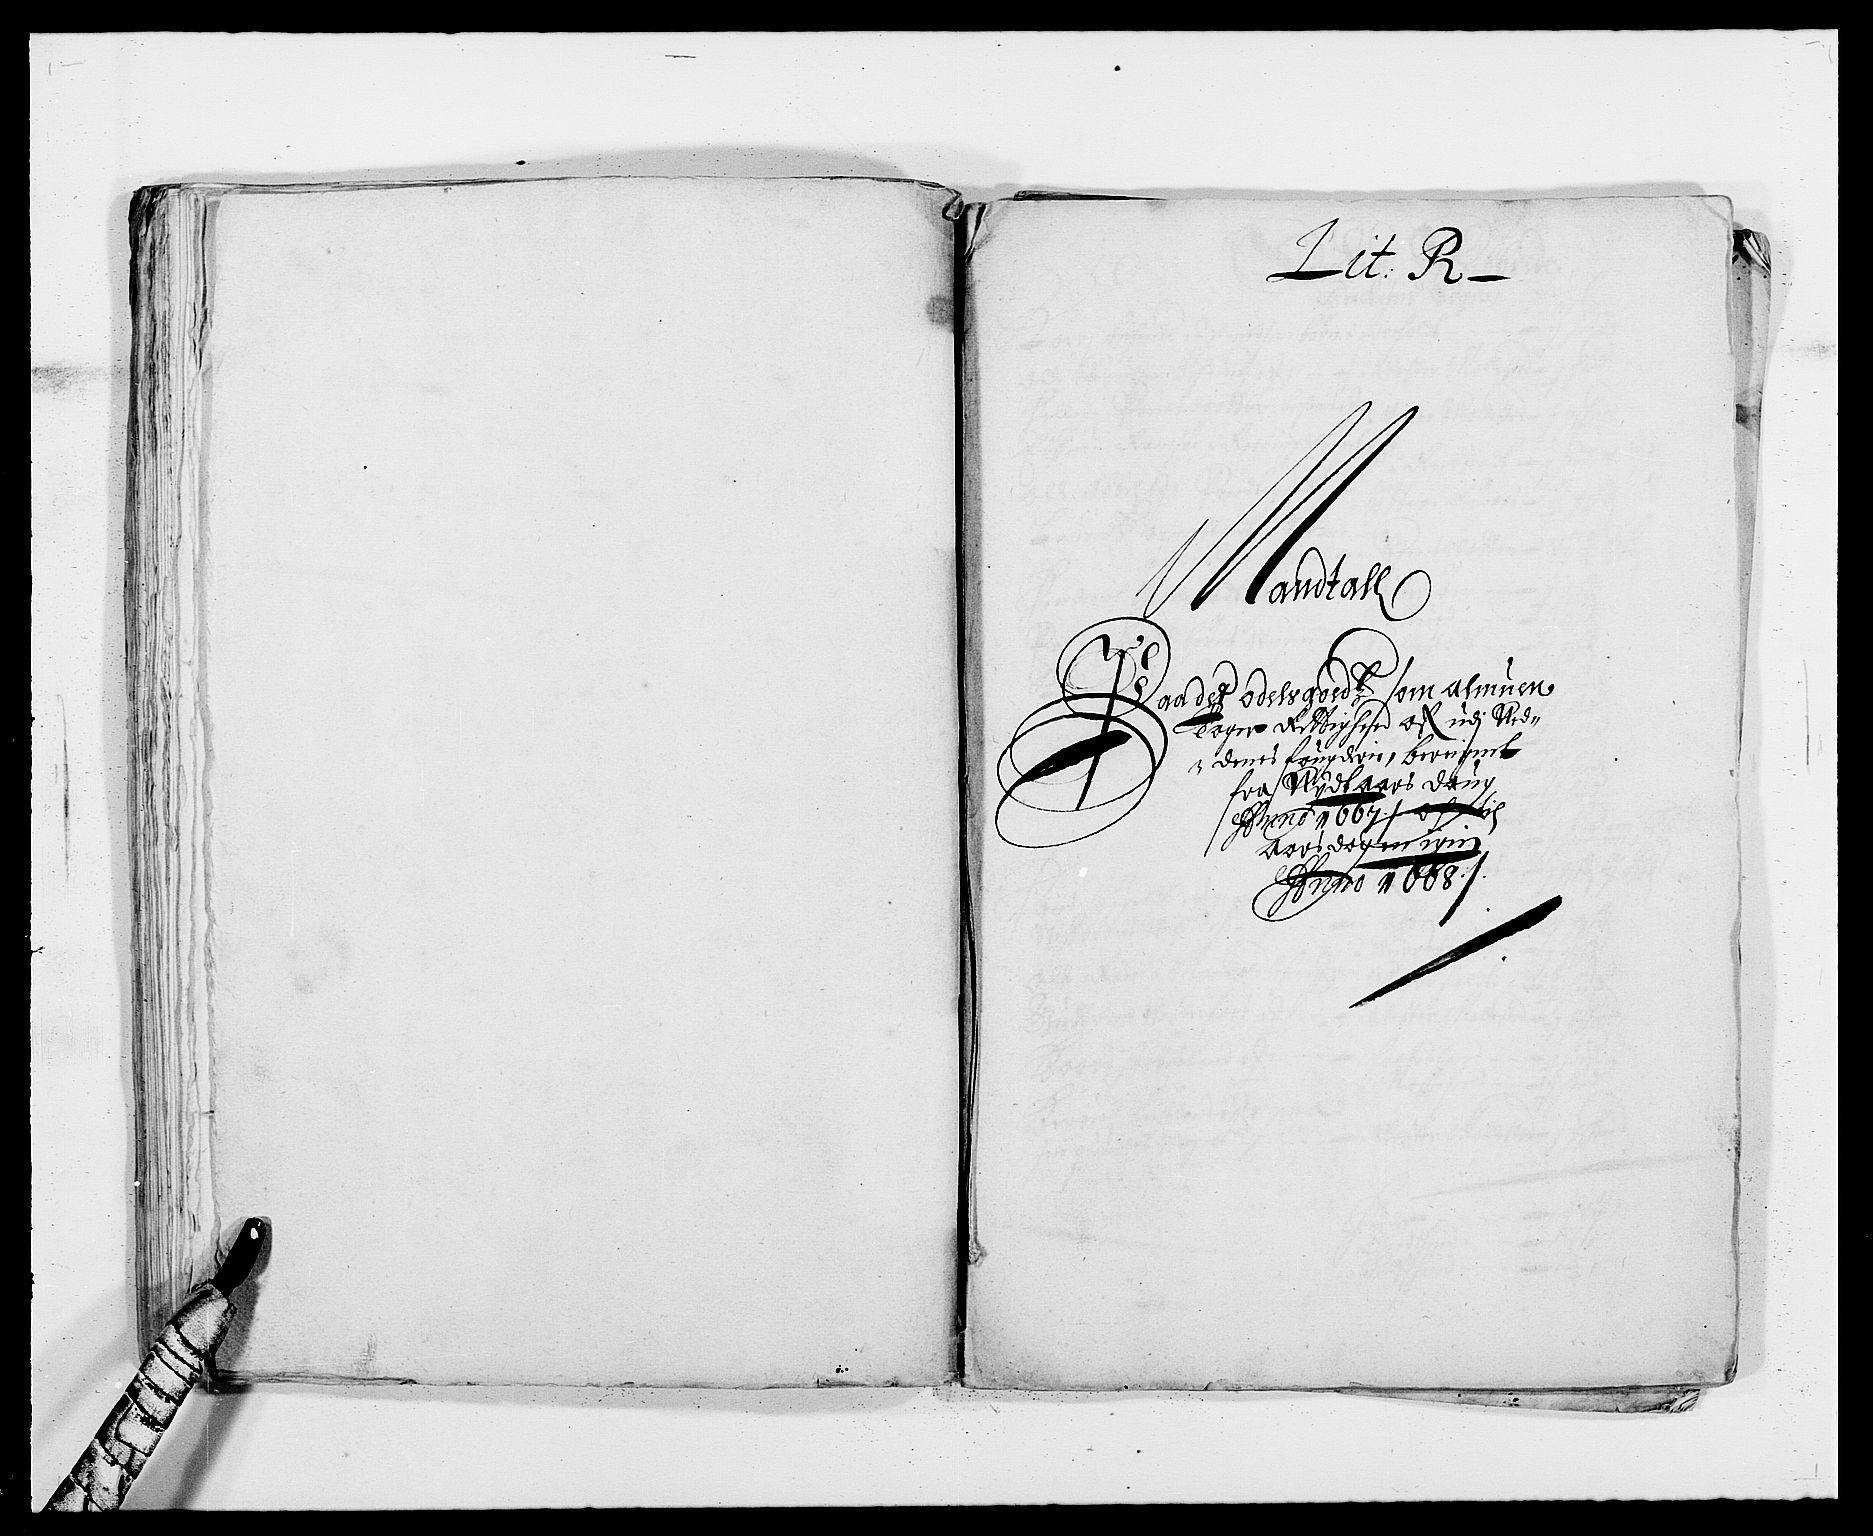 RA, Rentekammeret inntil 1814, Reviderte regnskaper, Fogderegnskap, R39/L2297: Fogderegnskap Nedenes, 1667-1669, s. 86